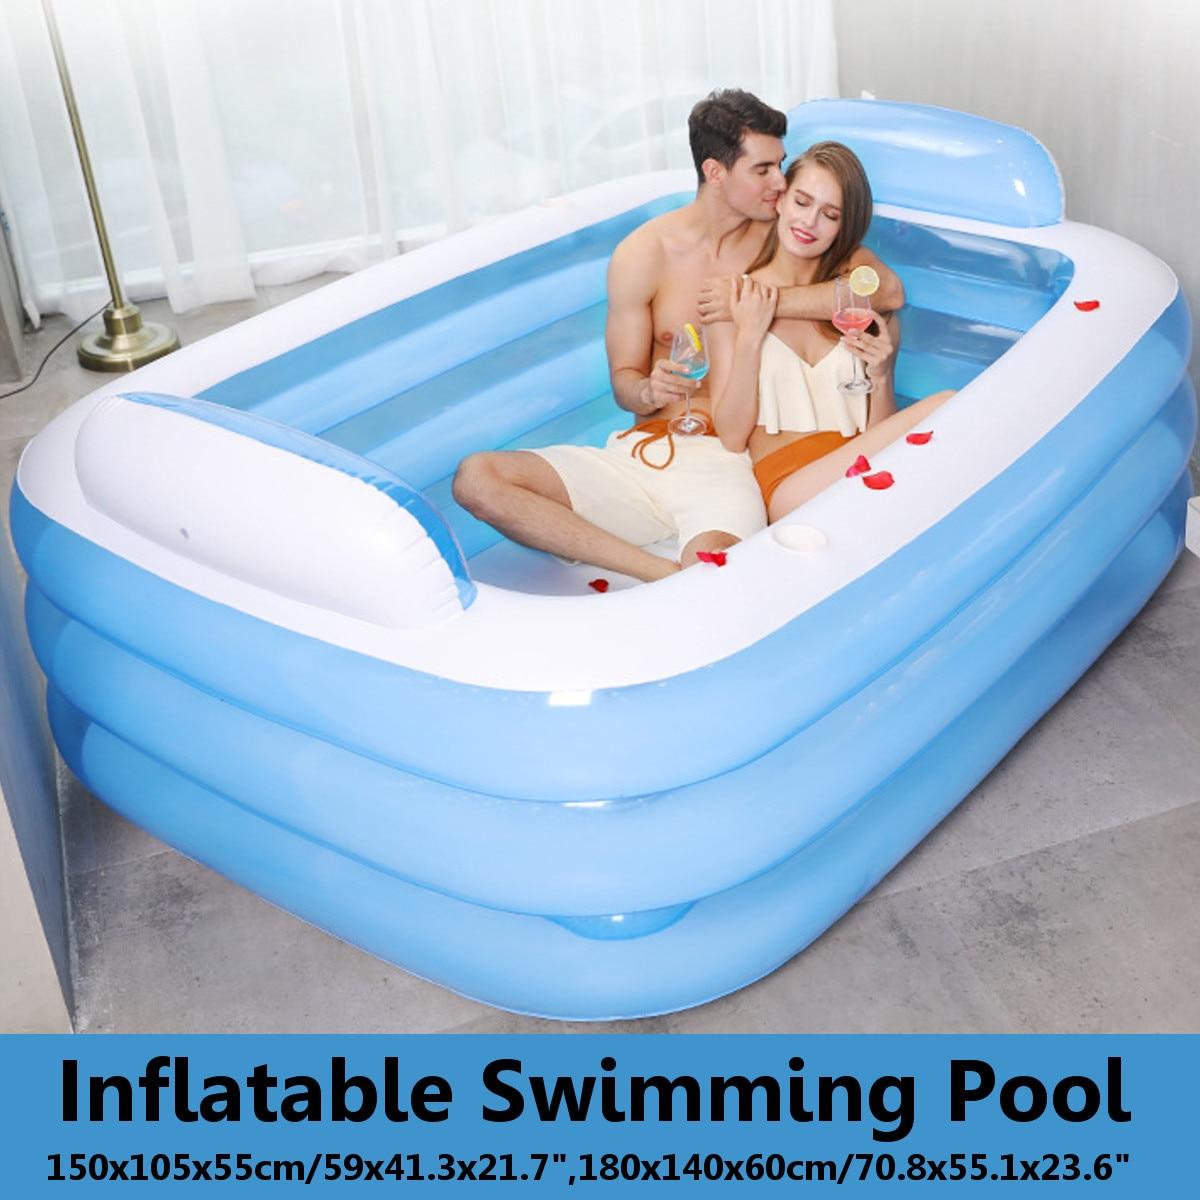 180 cm/150 cm baignoire pliable baignoire gonflable pour adultes garder au chaud baignoire de piscine avec pompe à Air baignoire